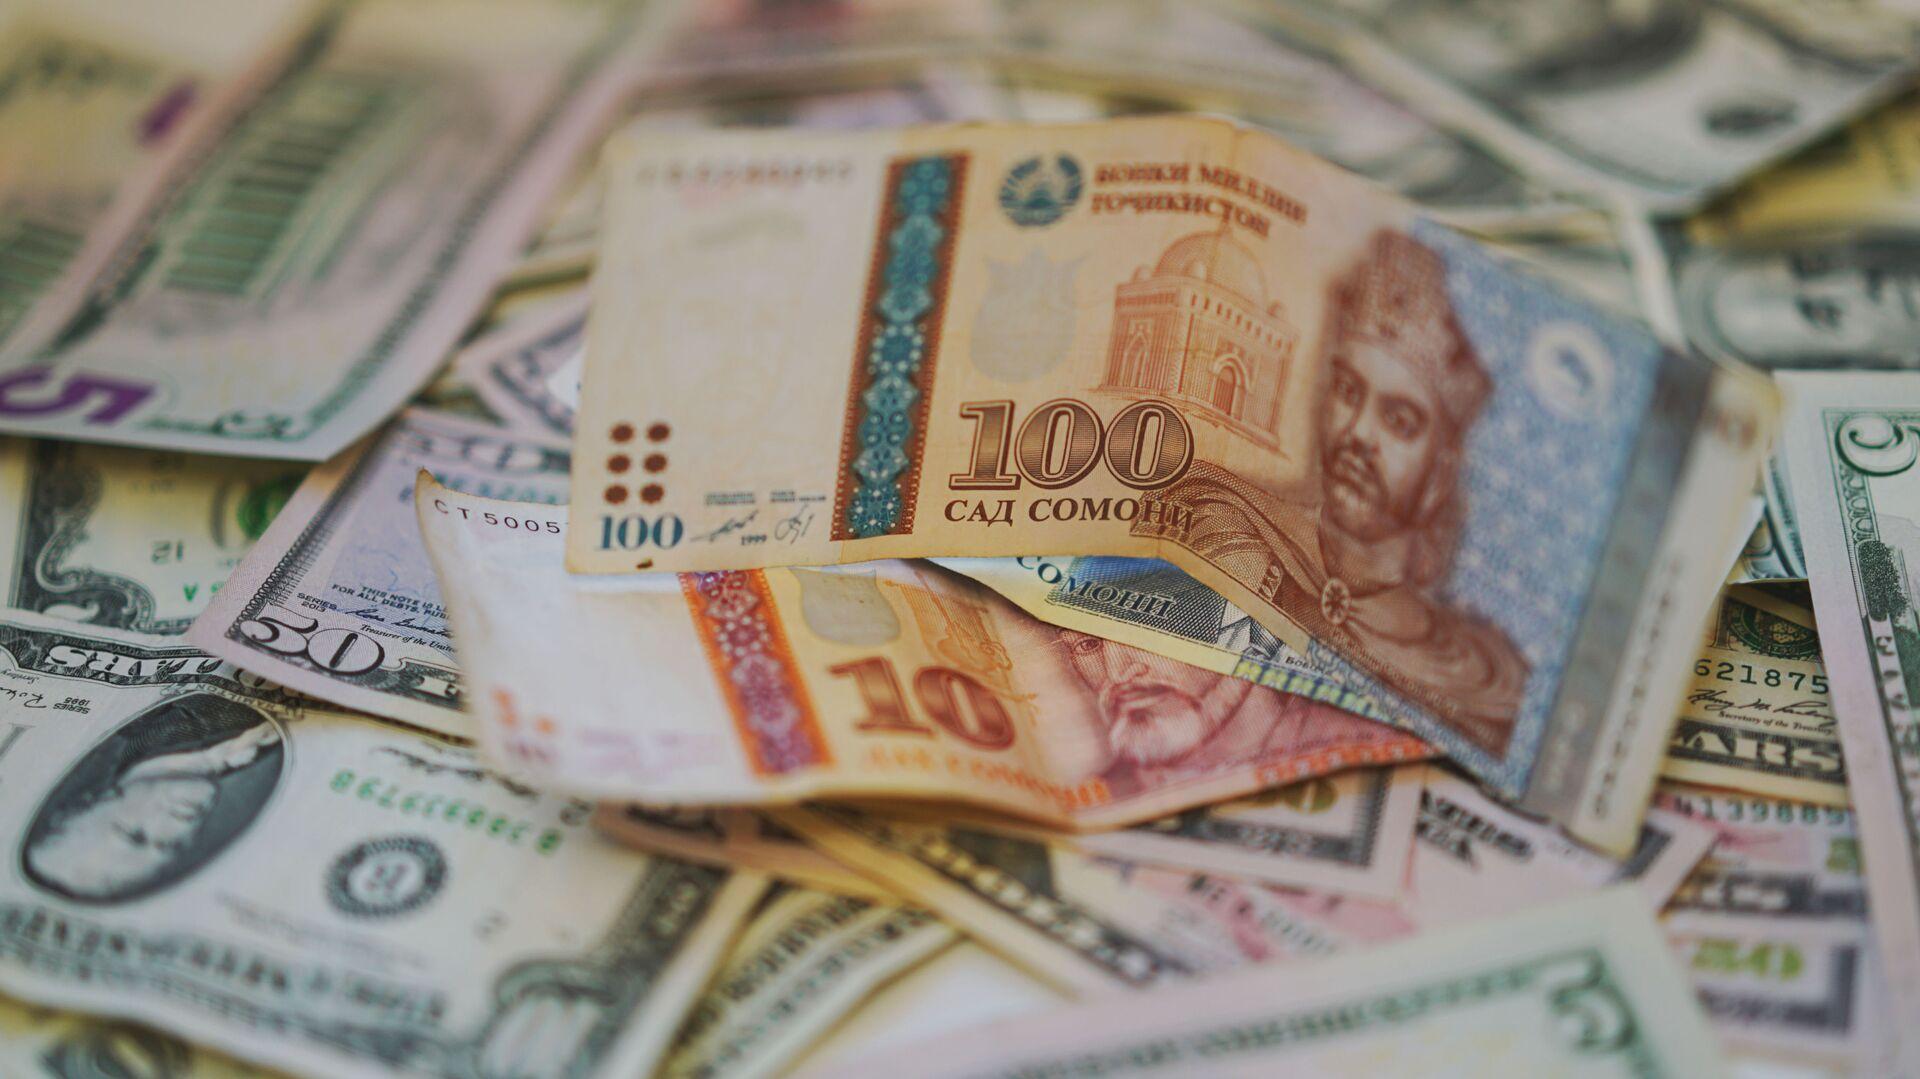 Сомони и доллары, архивное фото - Sputnik Таджикистан, 1920, 05.07.2021